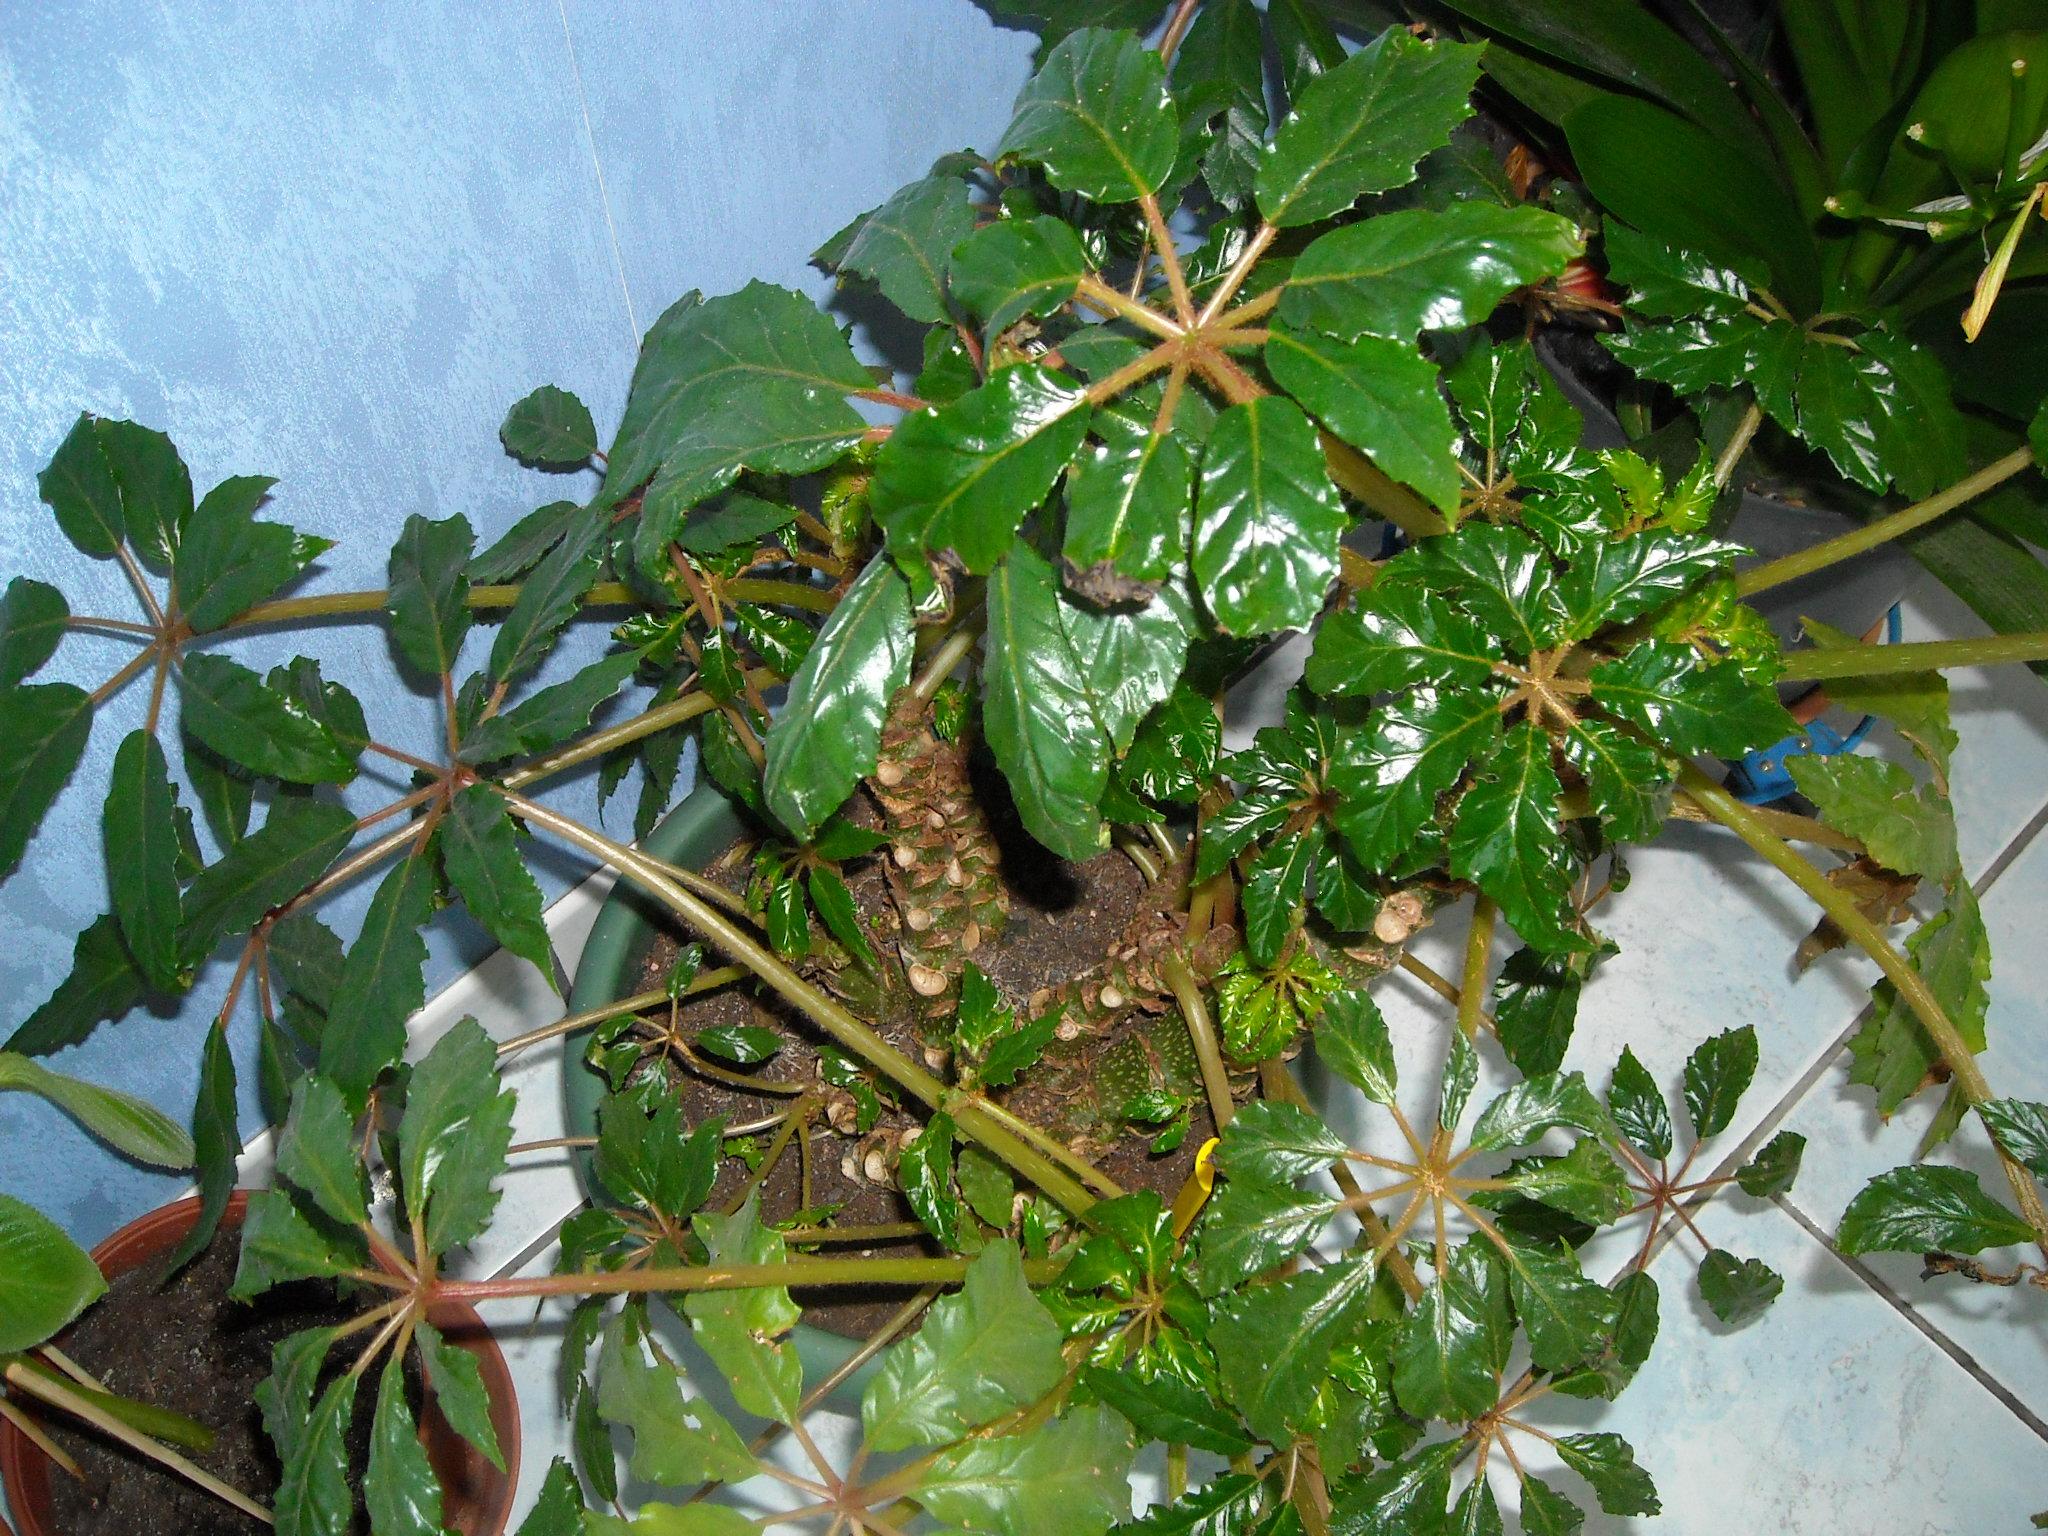 Bégonia carolineifolia - Voilà le nouveau bégo, gentiment offert par le monsieur... 804903carolineifolia001